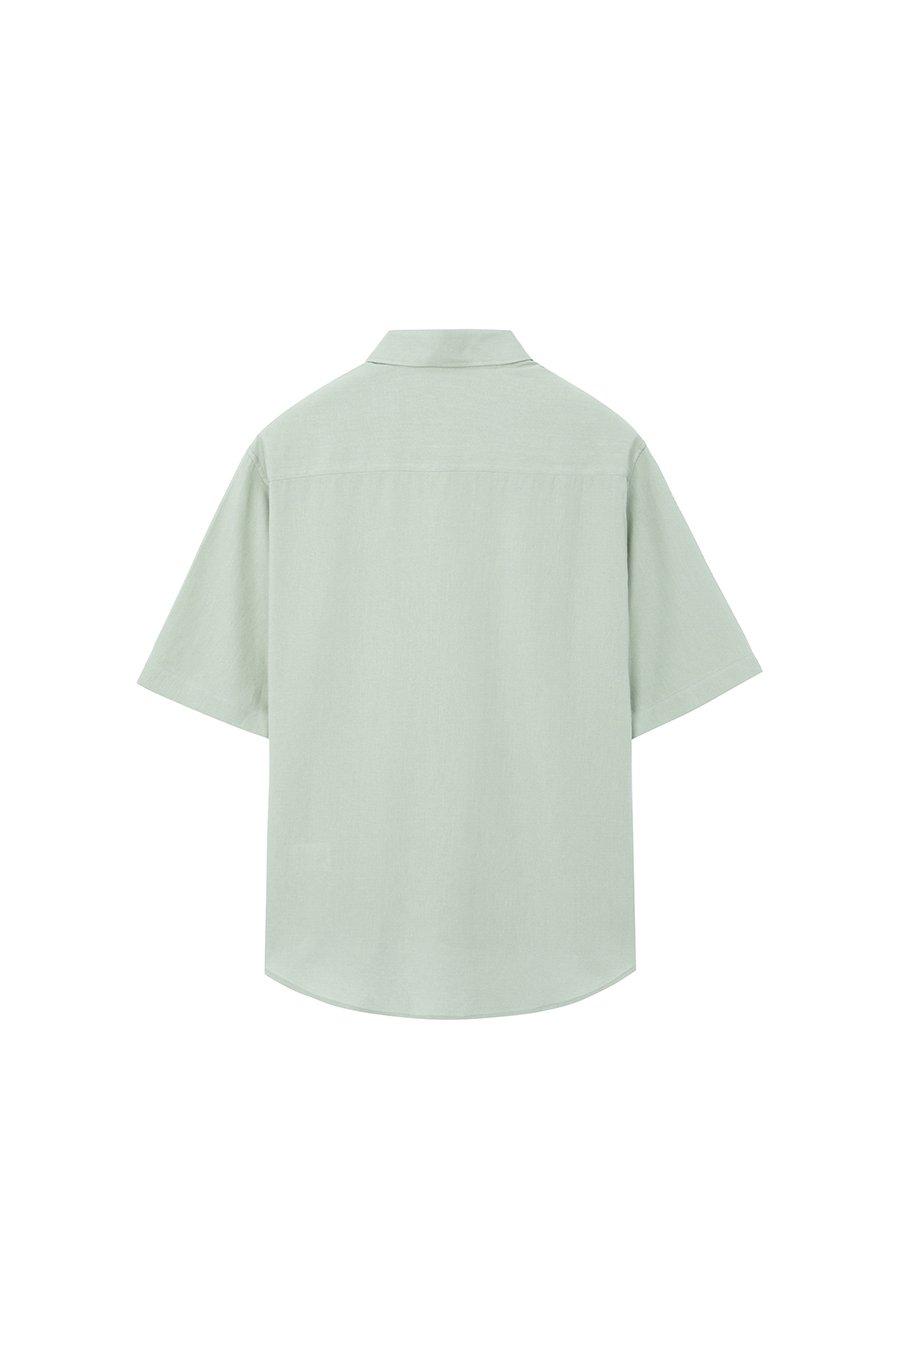 인사일런스(IN SILENCE) 린넨 셔츠 LIGHT GREEN